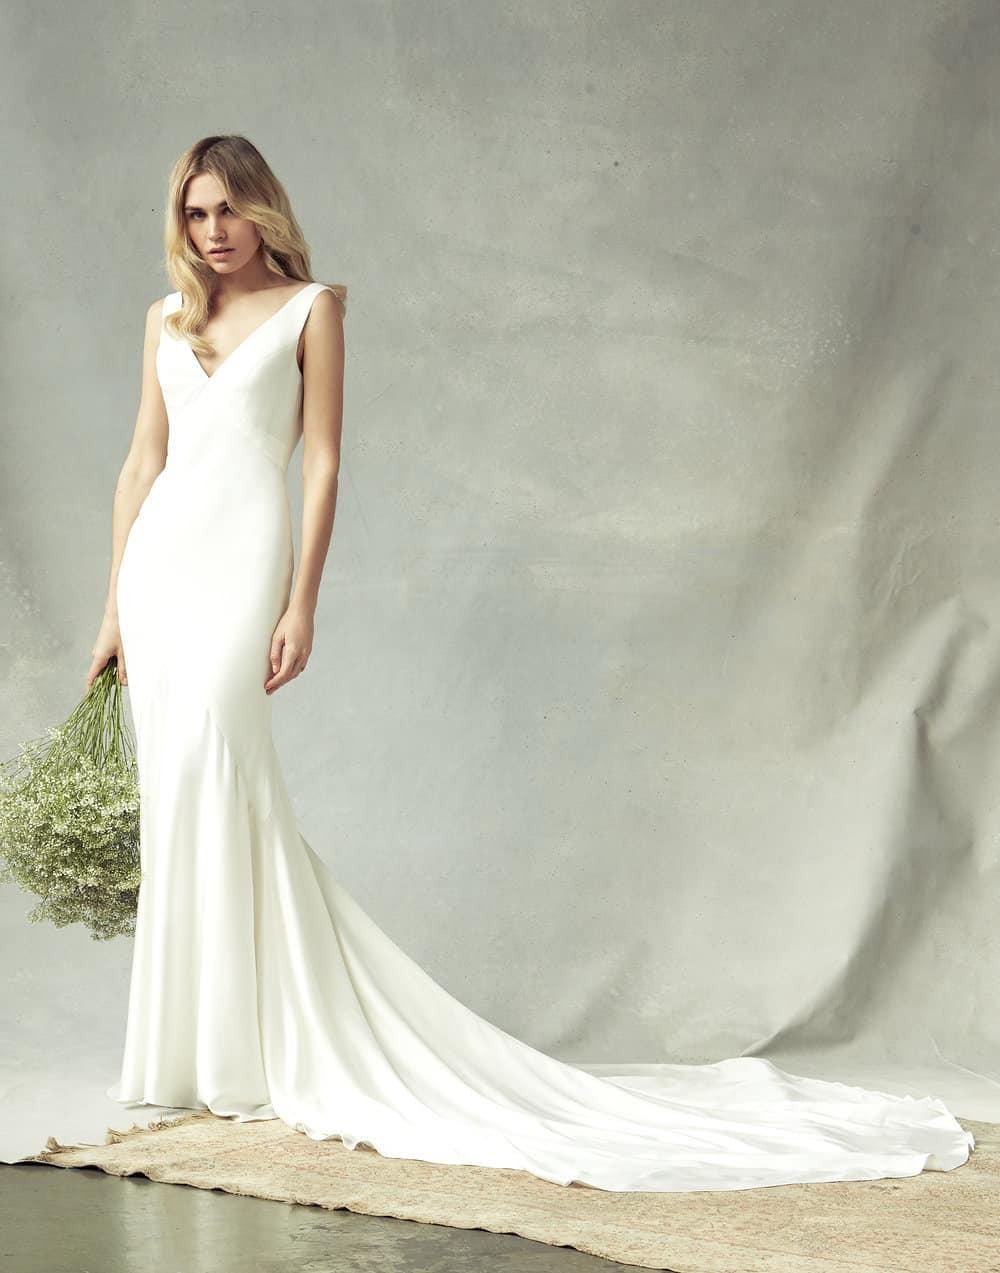 savannah-miller-vestido-de-noiva-sem-renda-FRANCES